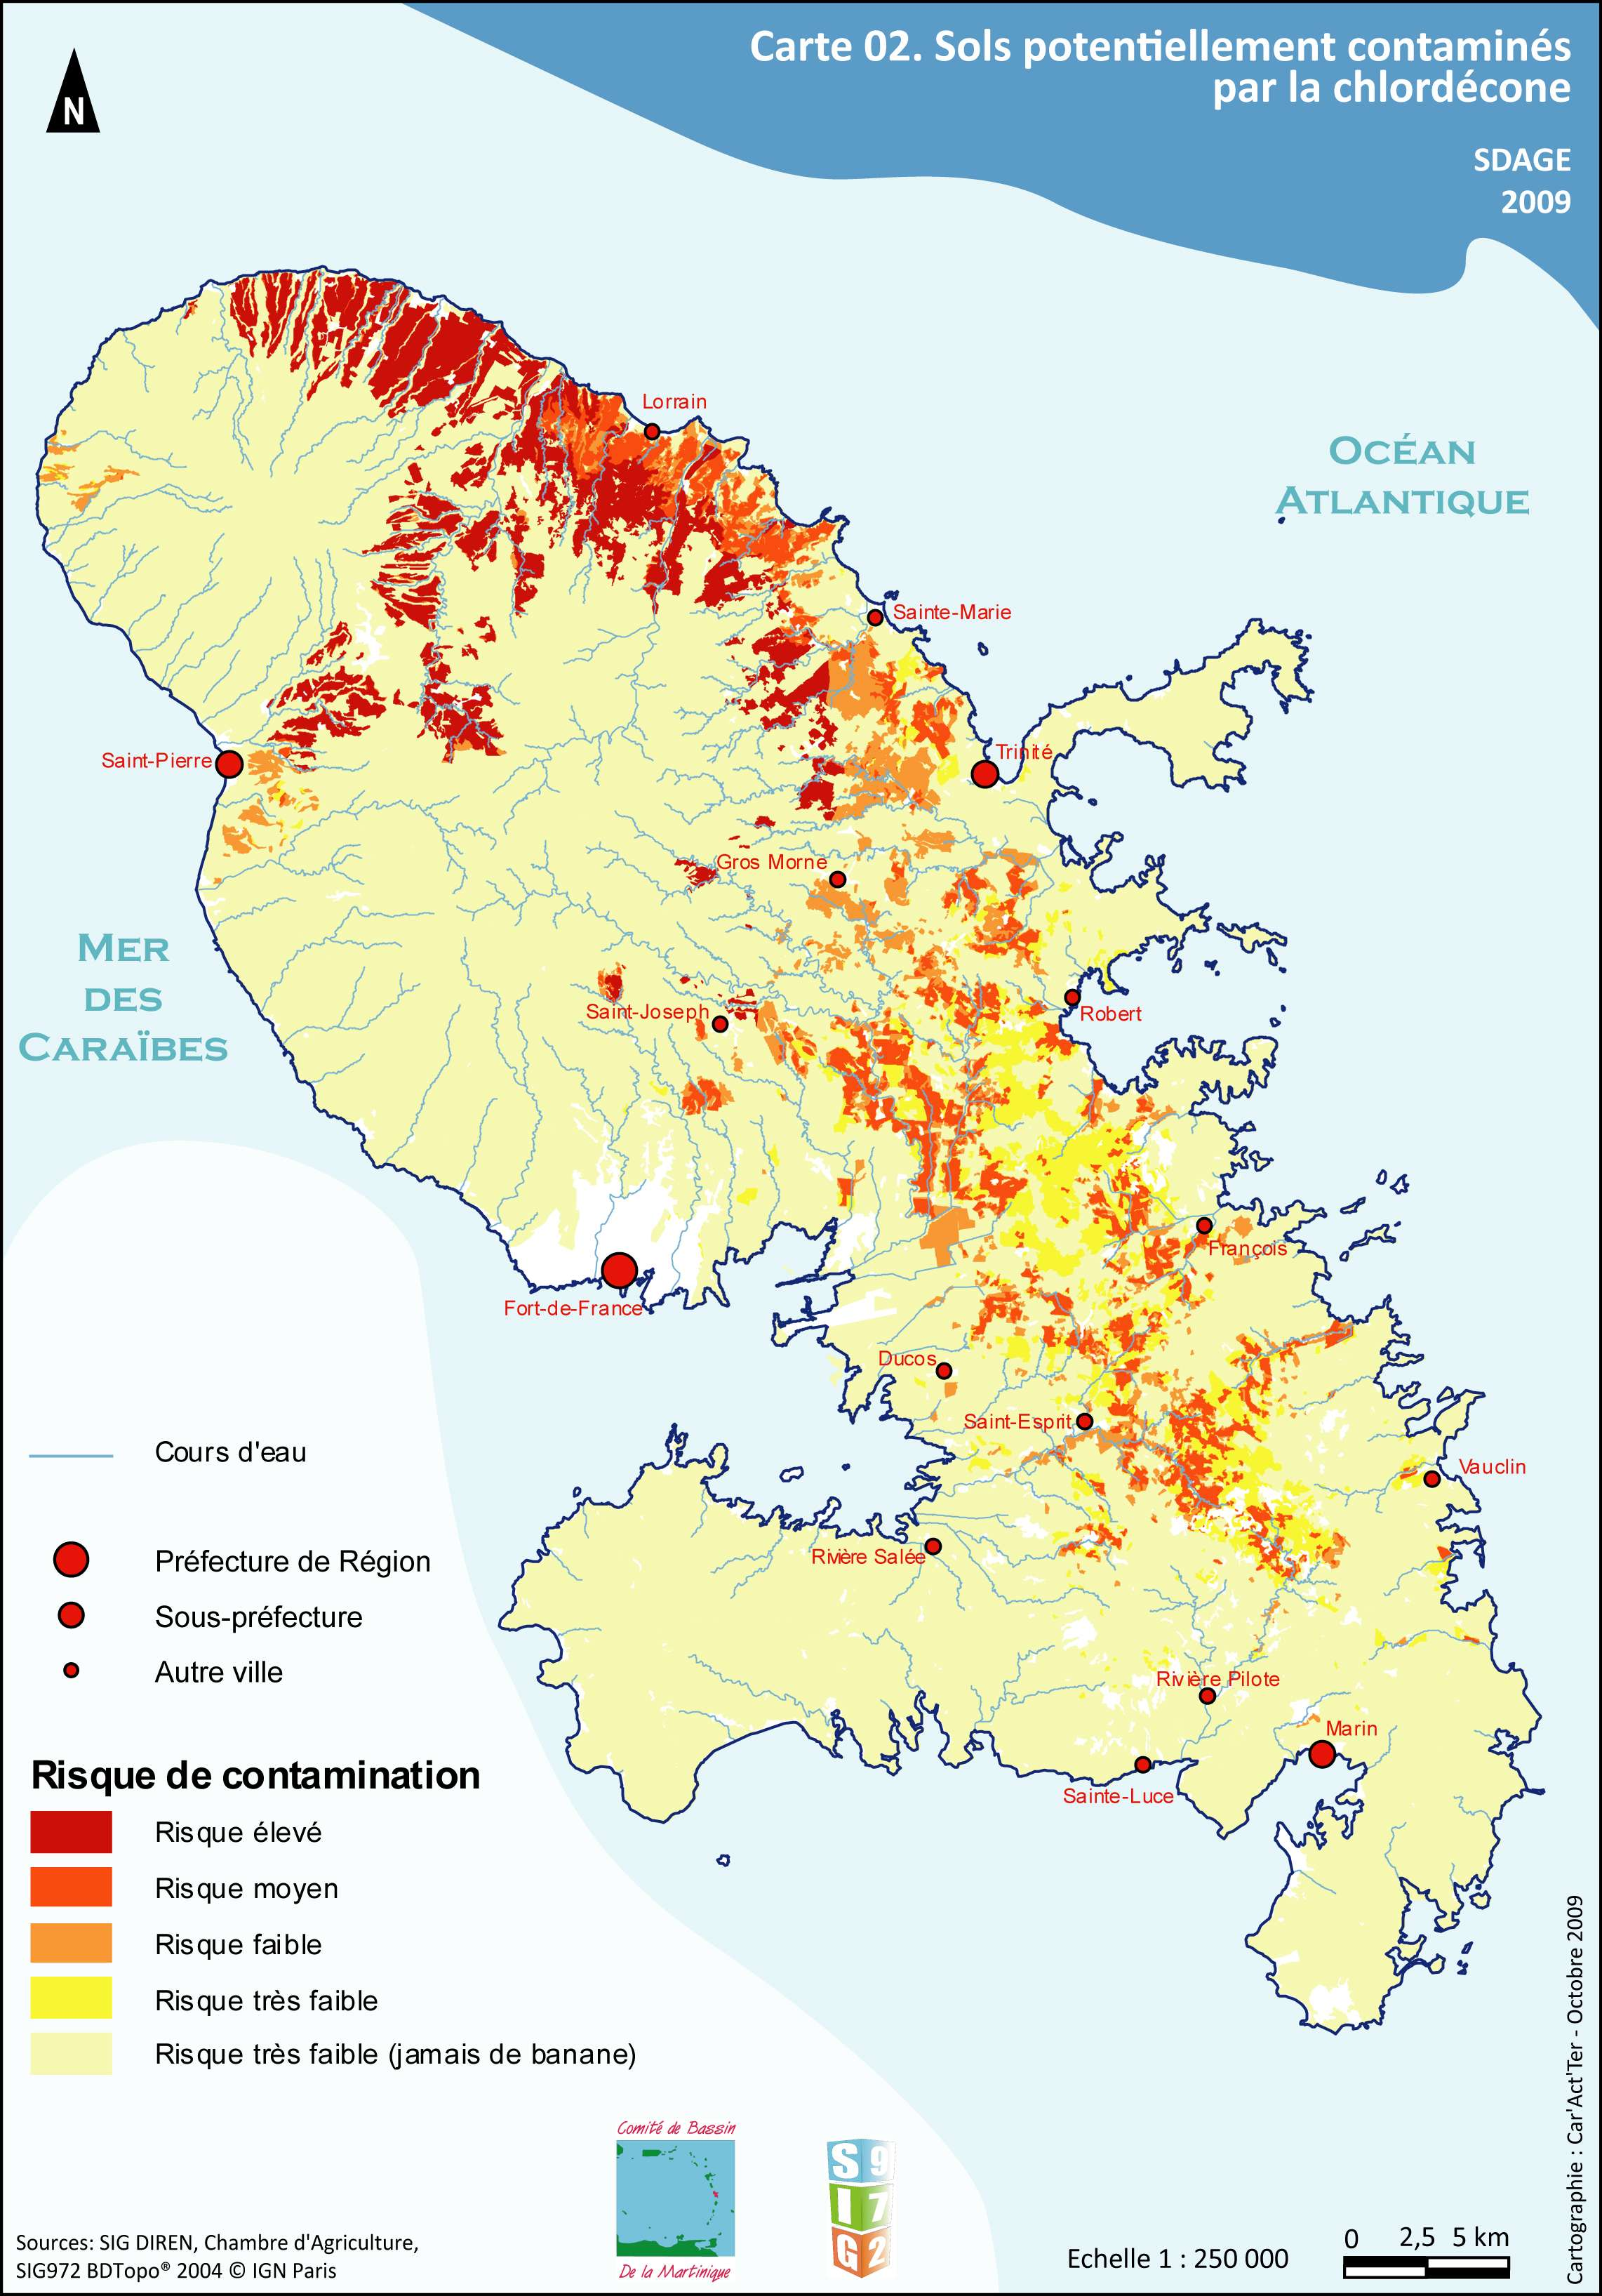 Communes polluées au Chlordécone Martinique